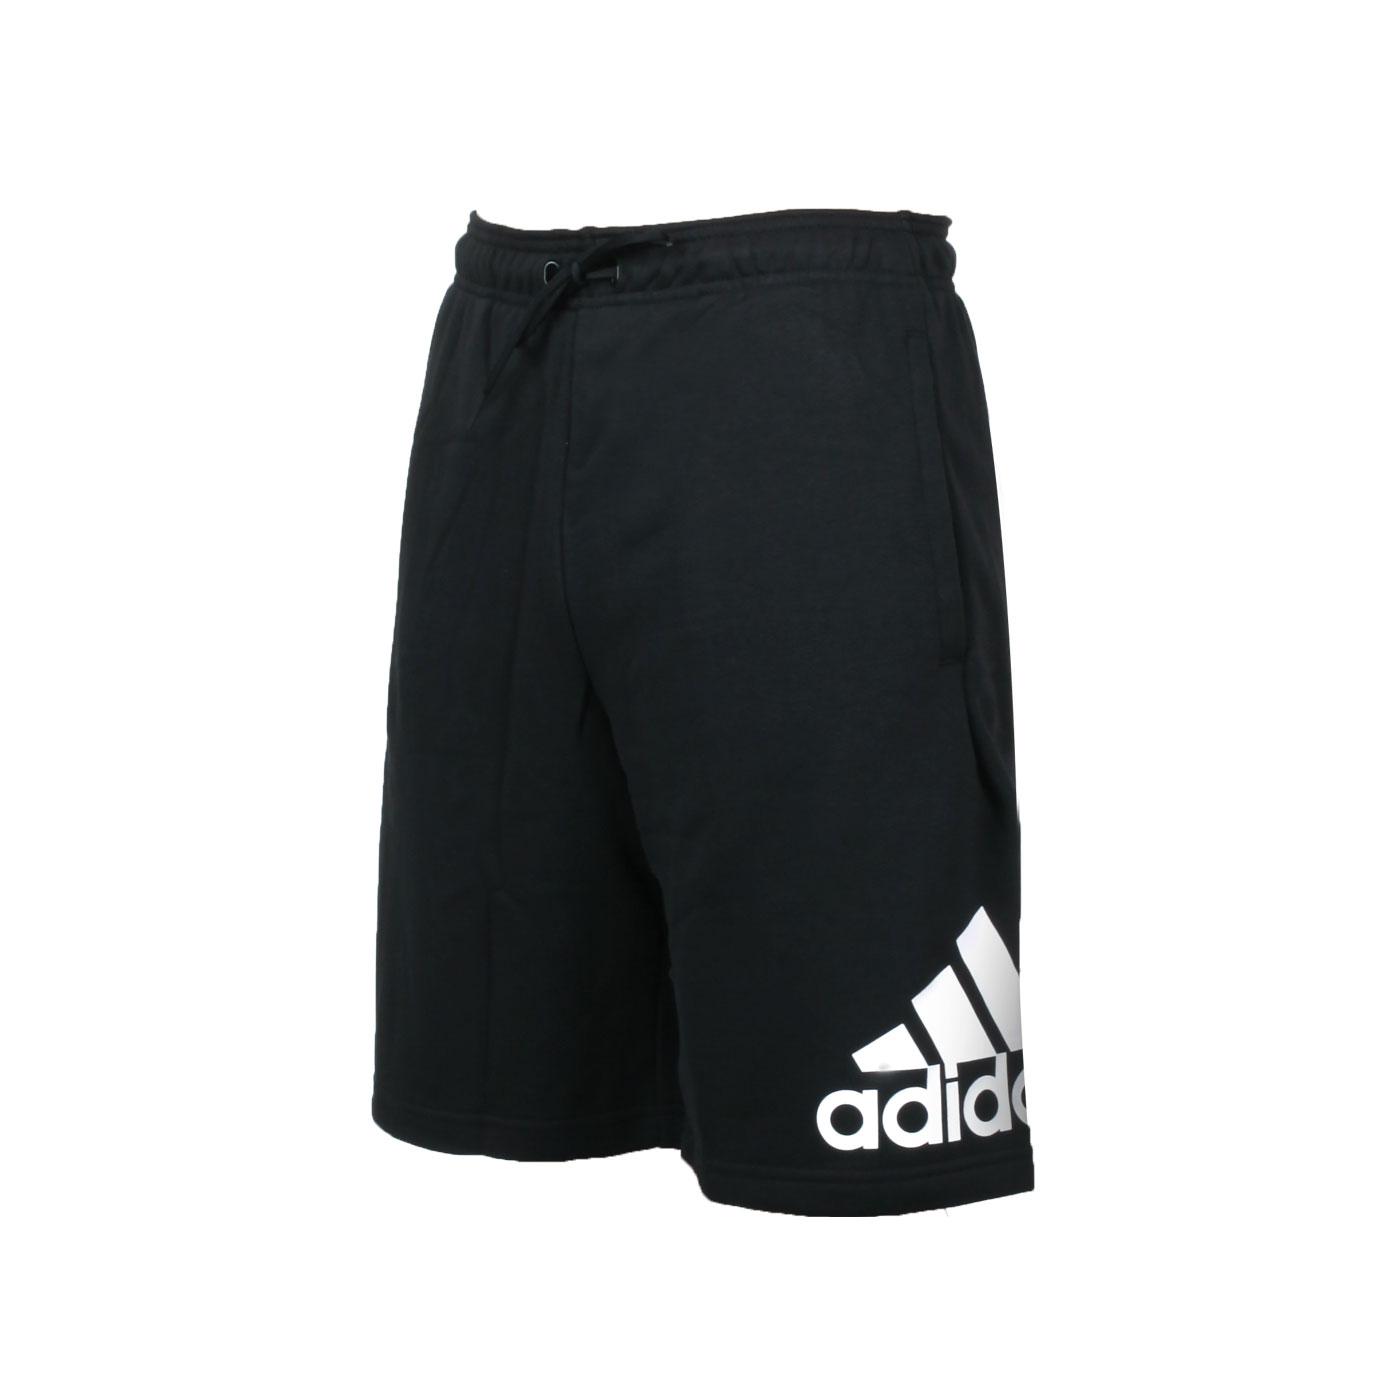 ADIDAS 男款運動短褲 DX7662 - 黑白